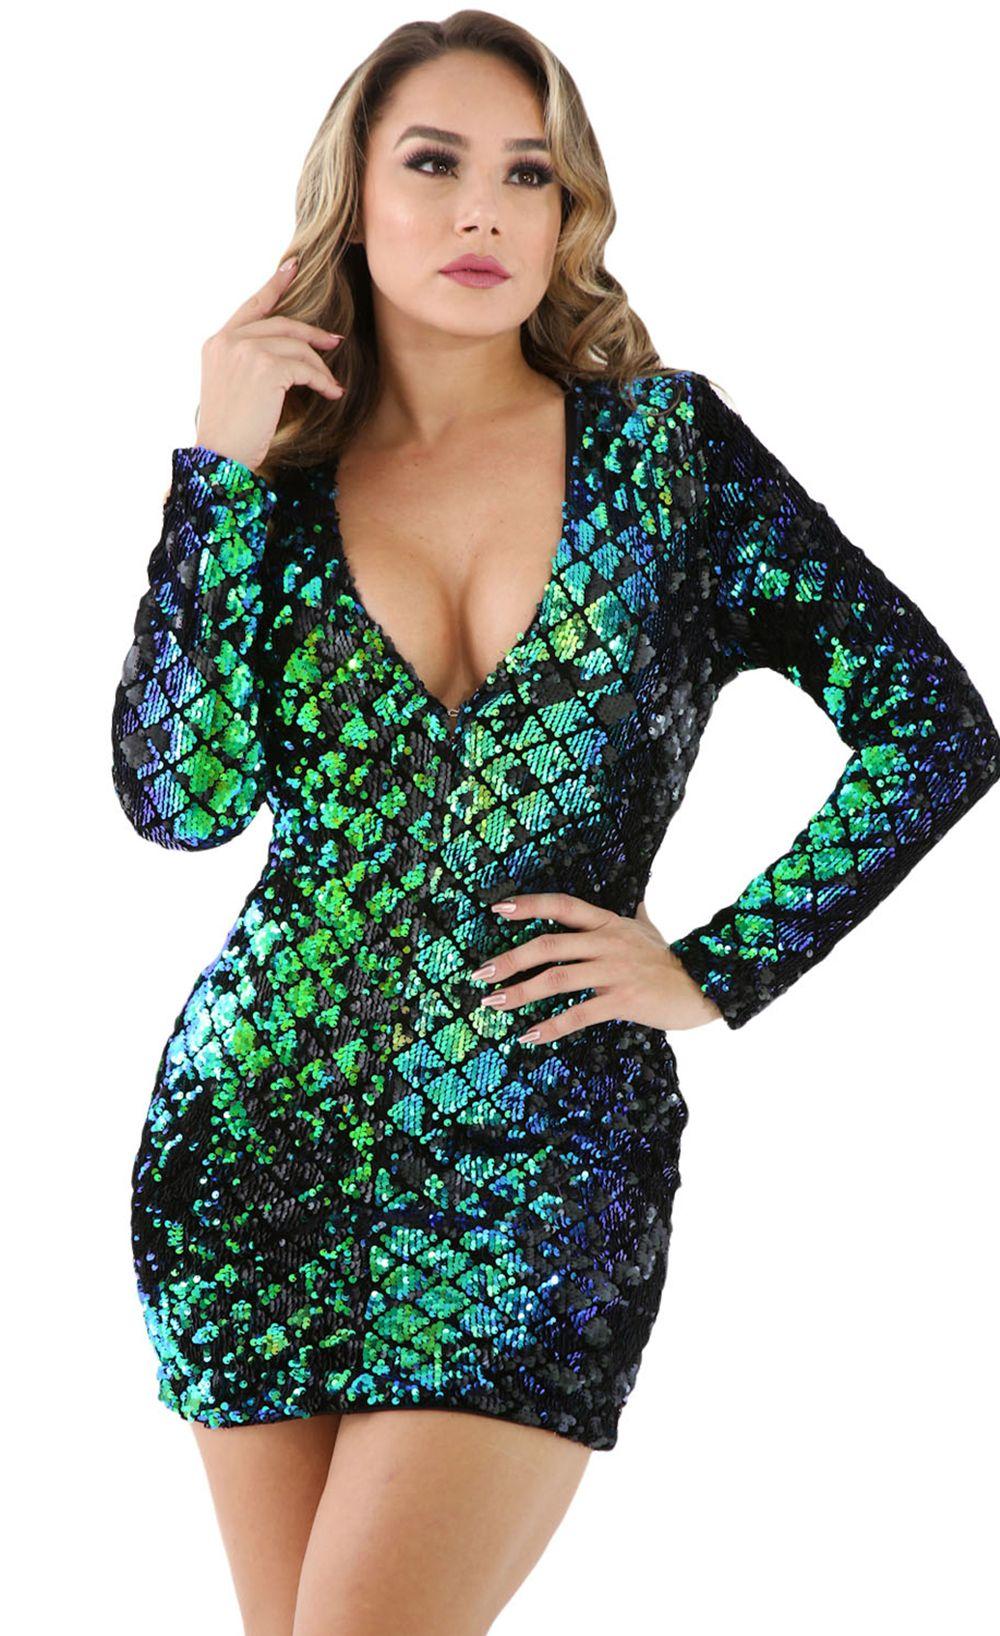 d77ffe632f8  44.99 Sparkle Sequin Mini Club Dress